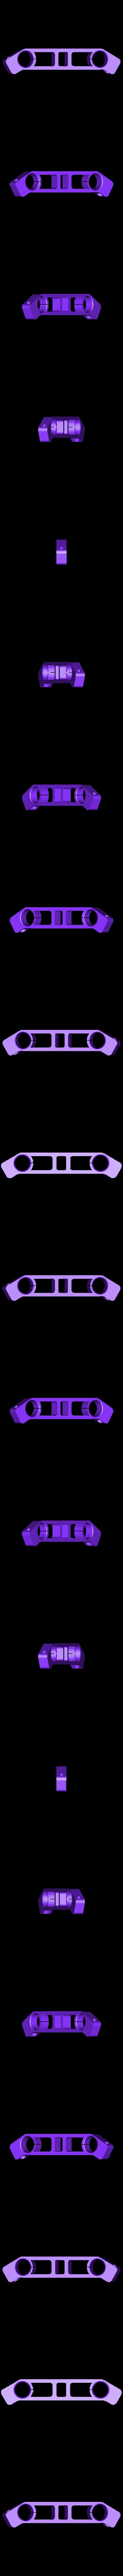 separador2.5.stl Télécharger fichier STL gratuit Slider Harrope S120 & X60 & X120 • Objet à imprimer en 3D, GuillermoMaroto